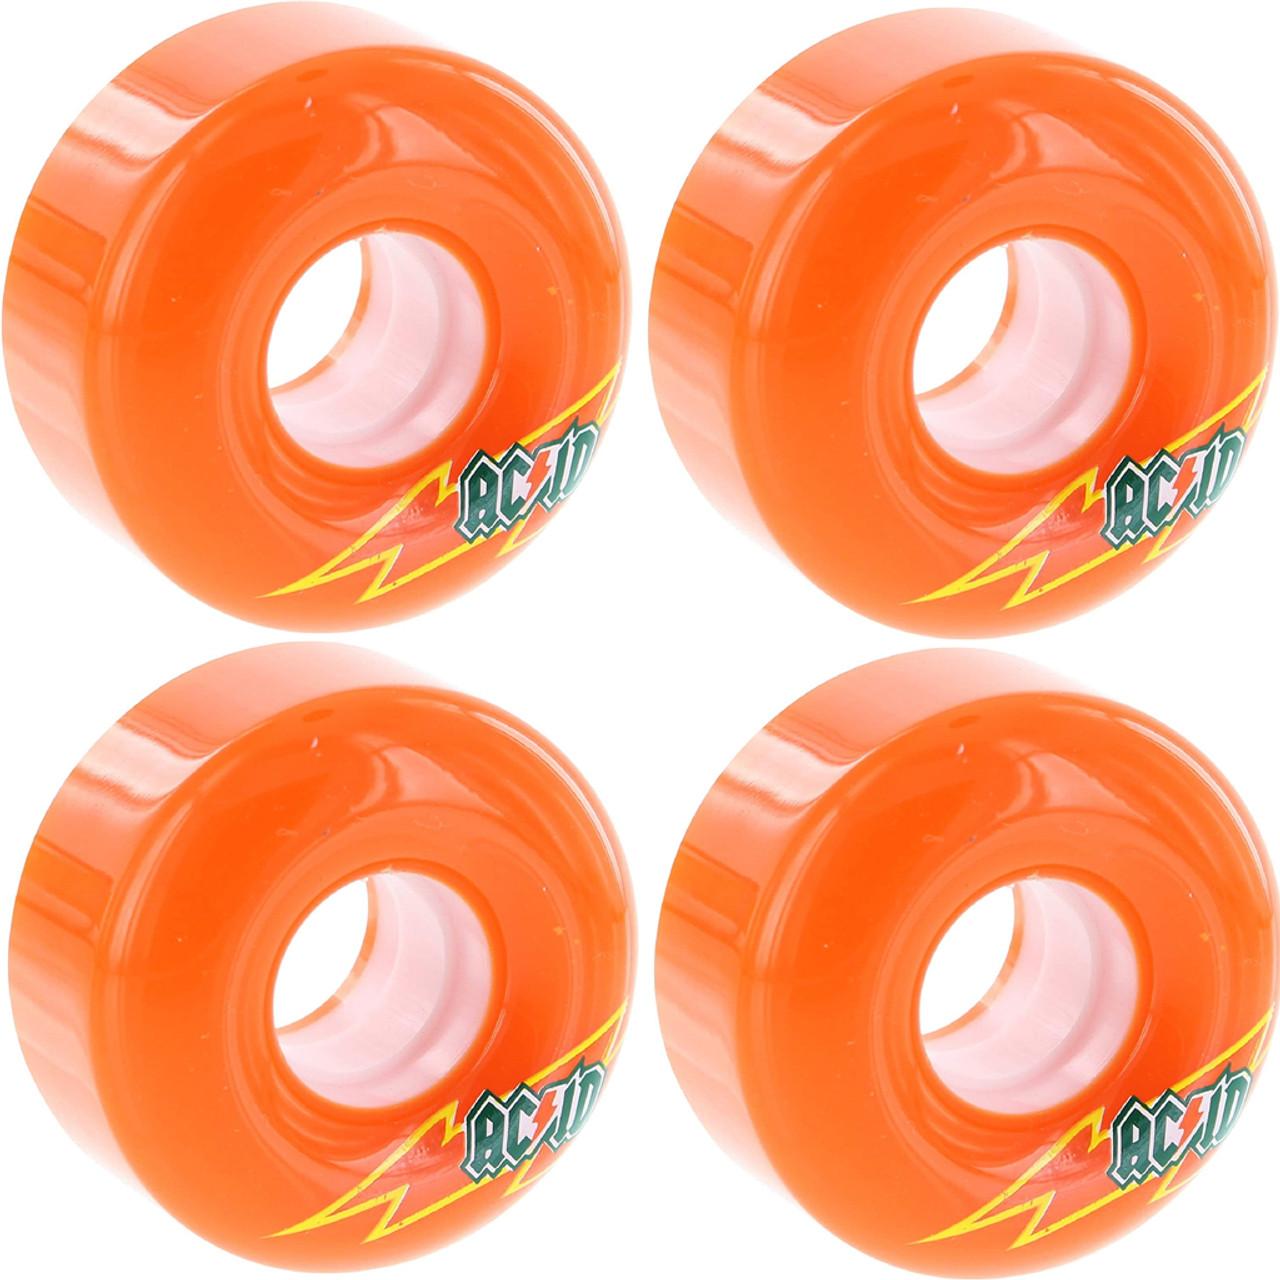 Acid Chemical Co Skateboard Wheels